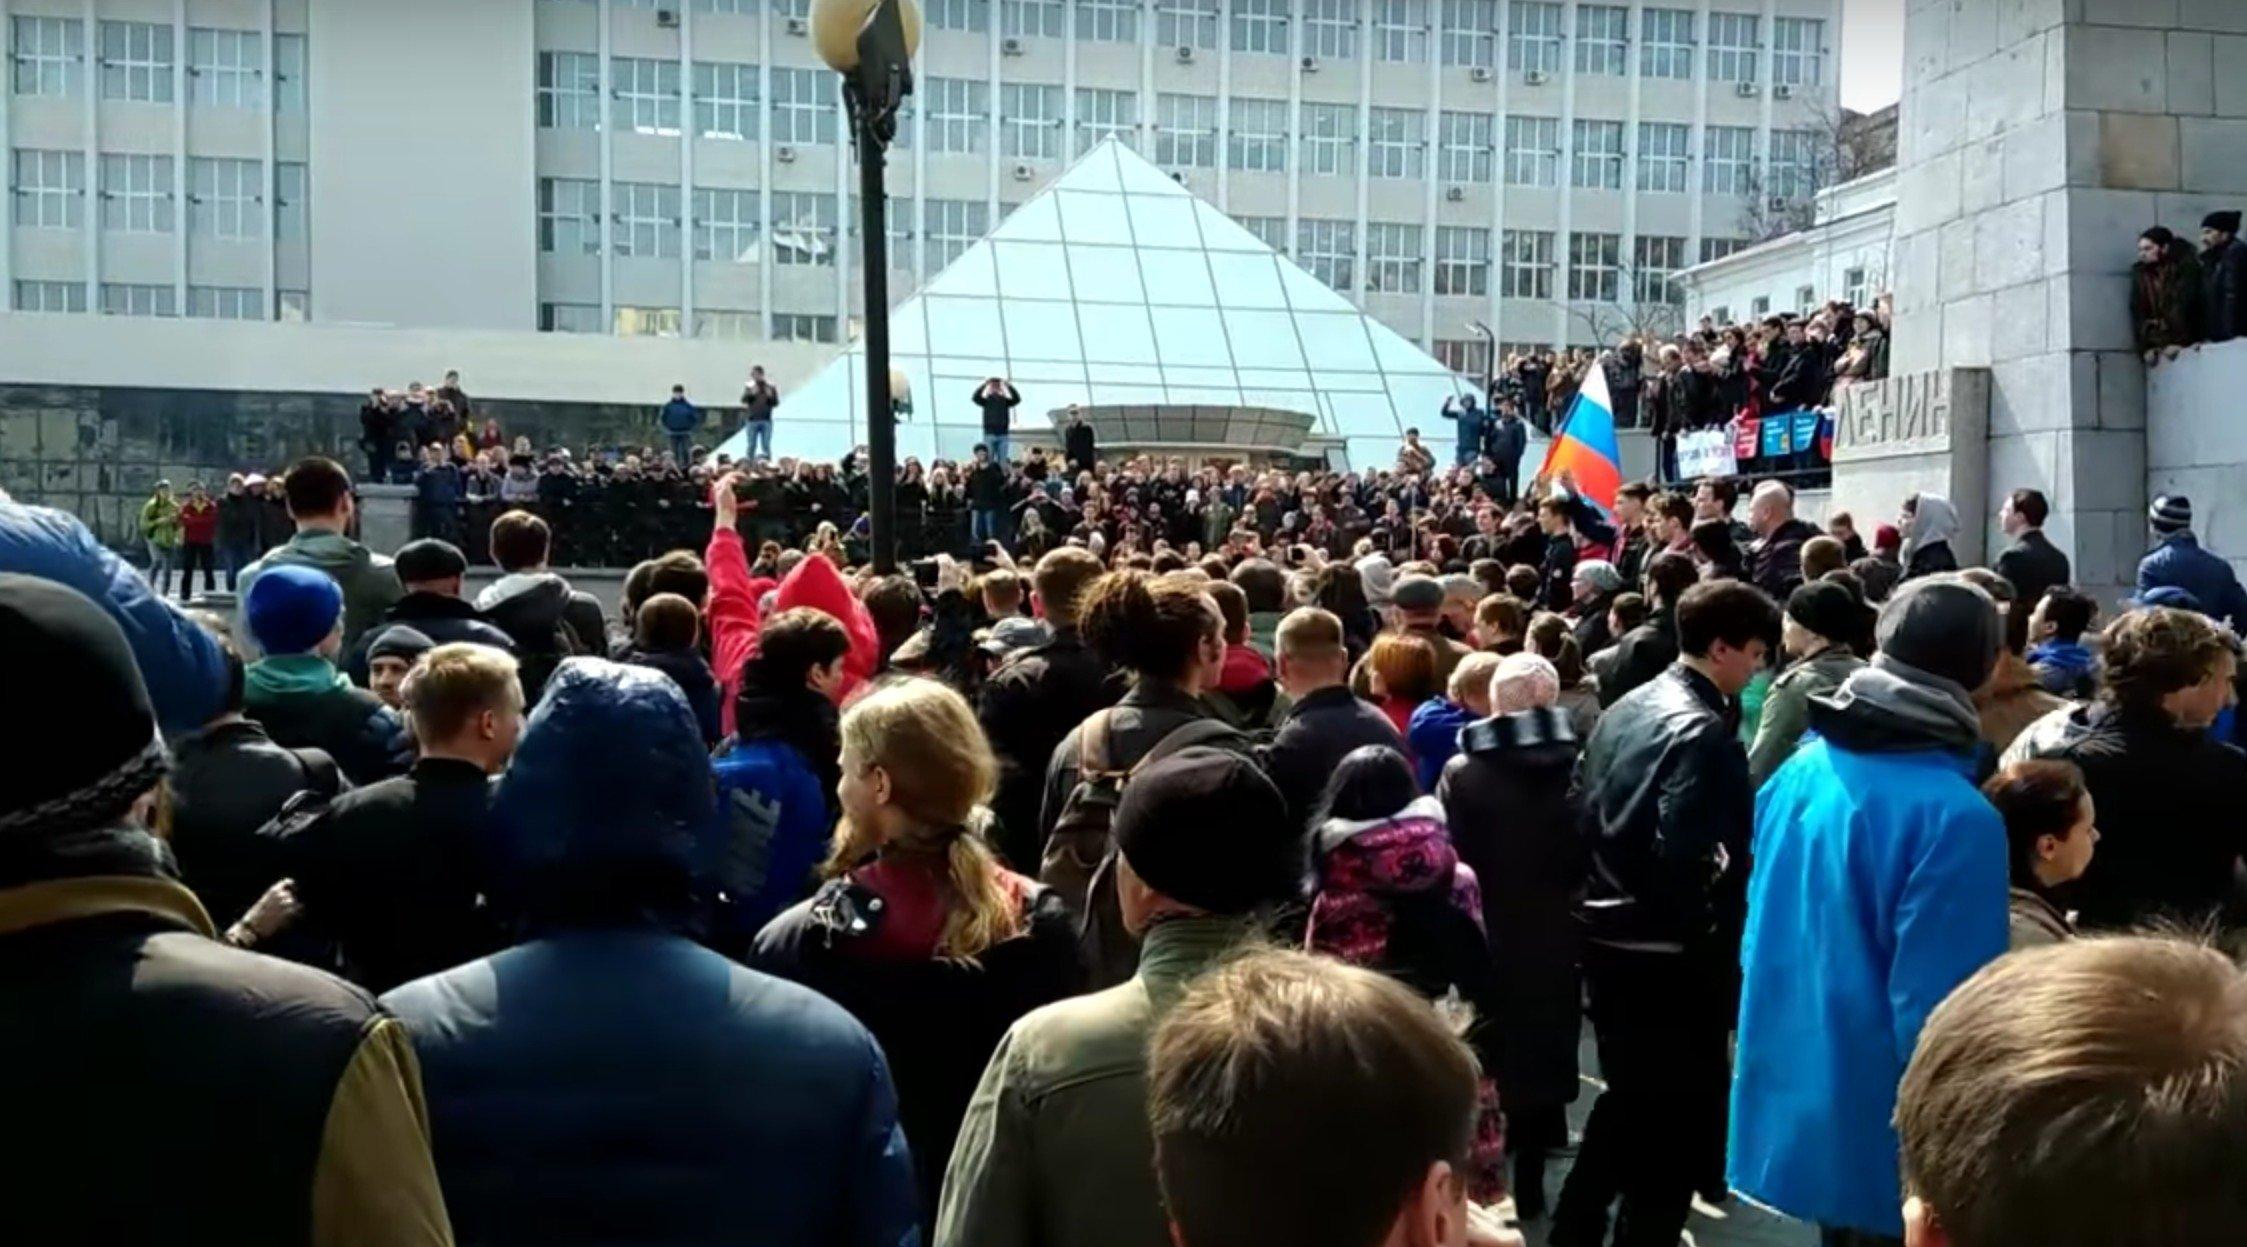 Навальный сидит,народ ходит против коррупции,полиция прессует: Главный лозунг-ПУТИН ВОР